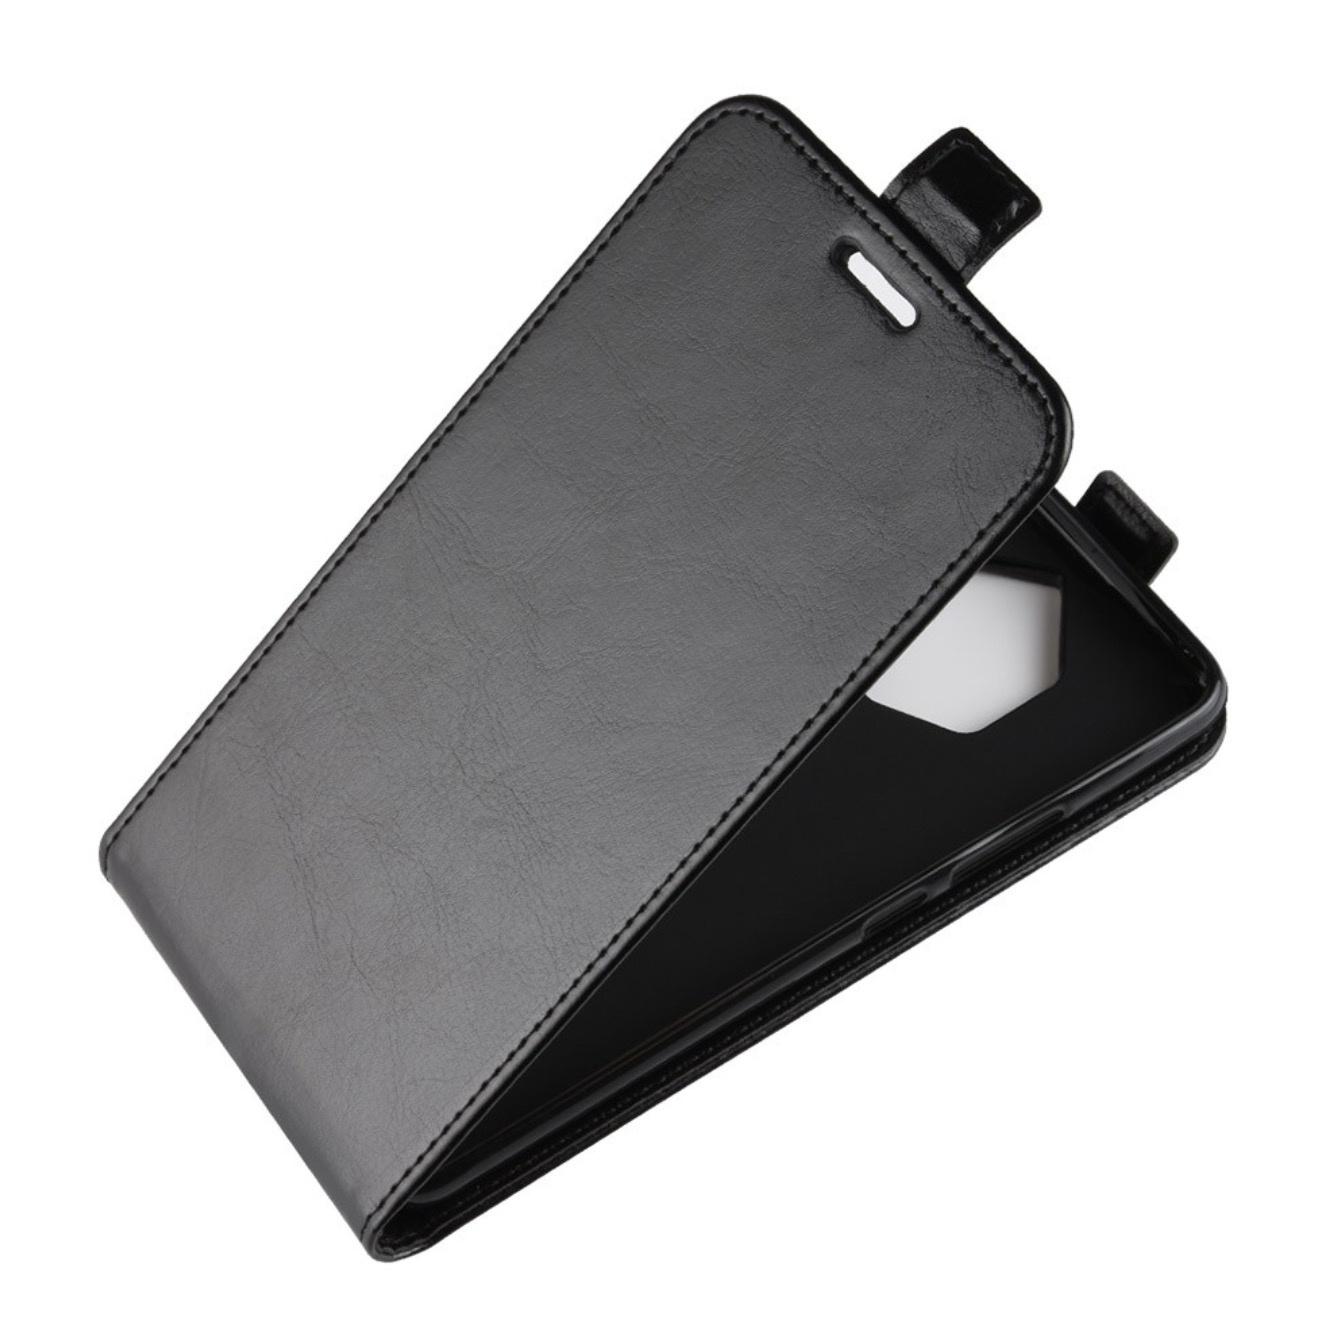 Чехол-флип MyPads для Nokia Lumia 930 вертикальный откидной черный